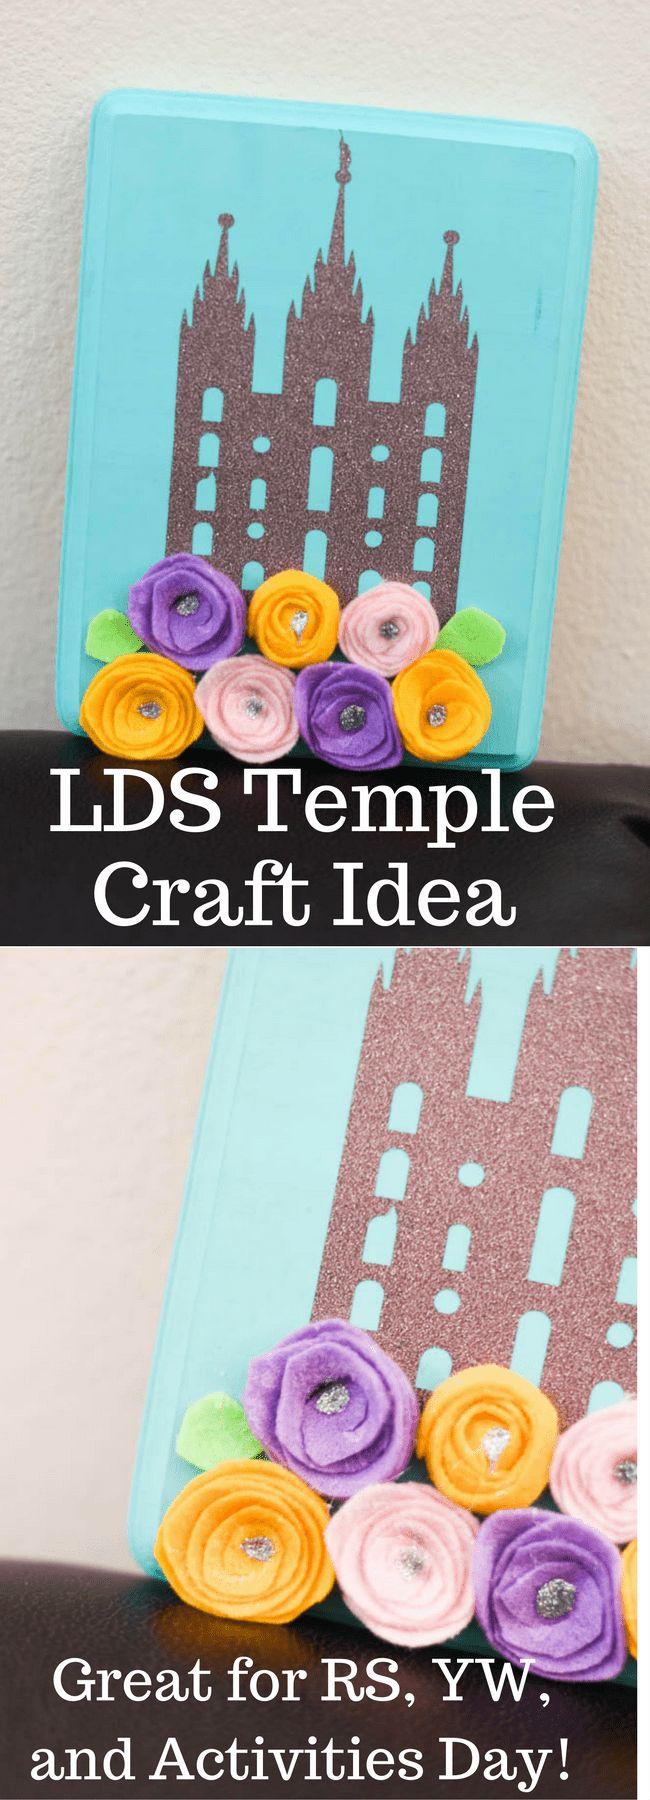 LDS Temple Craft Idea